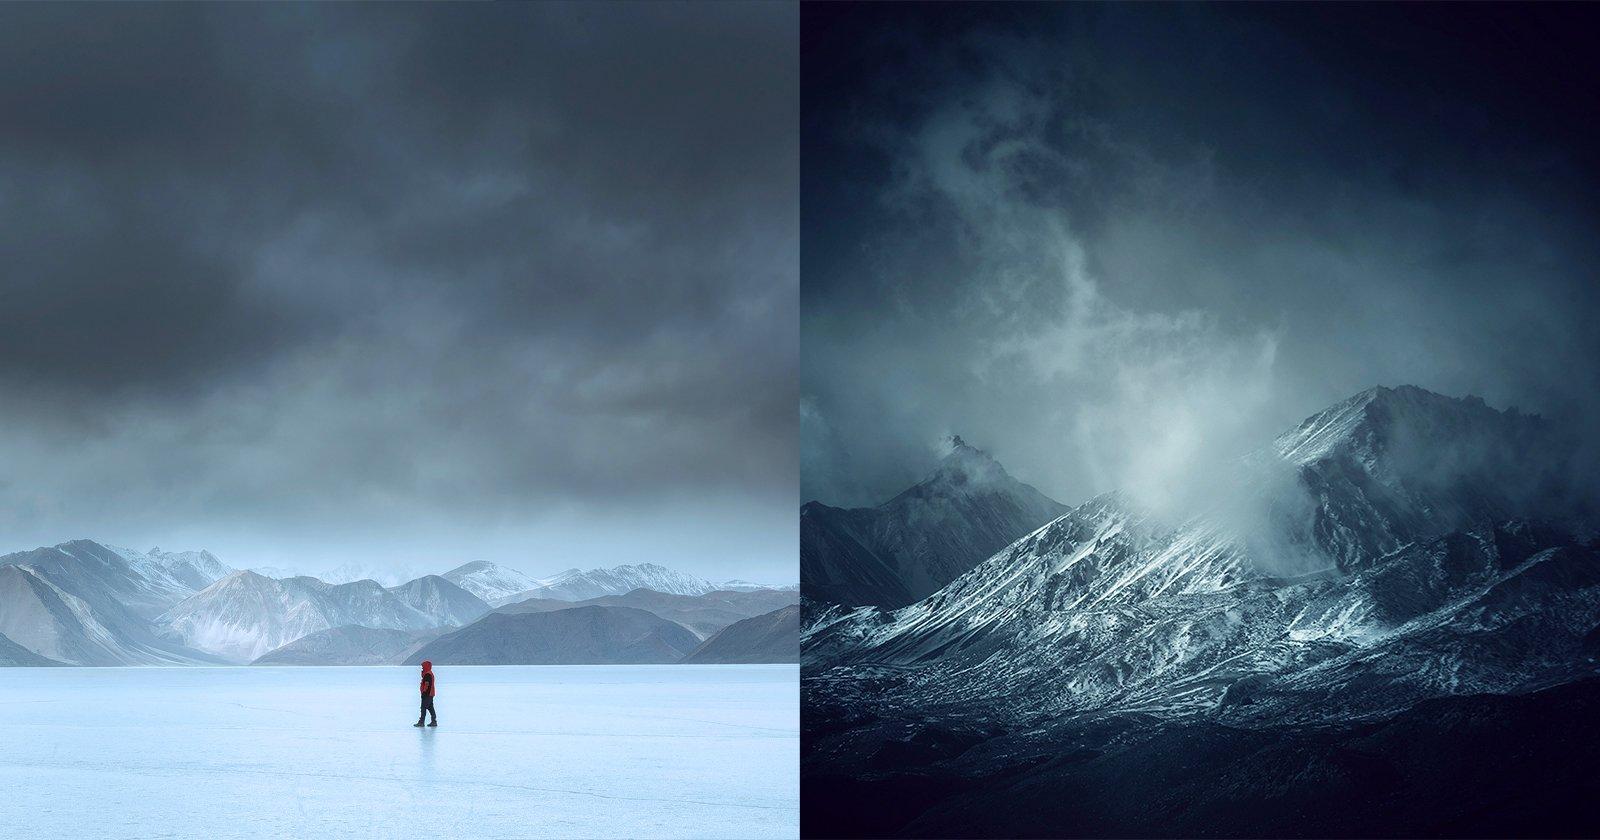 Ammira la bellezza dell'inverno raramente fotografata in Ladakh, in India